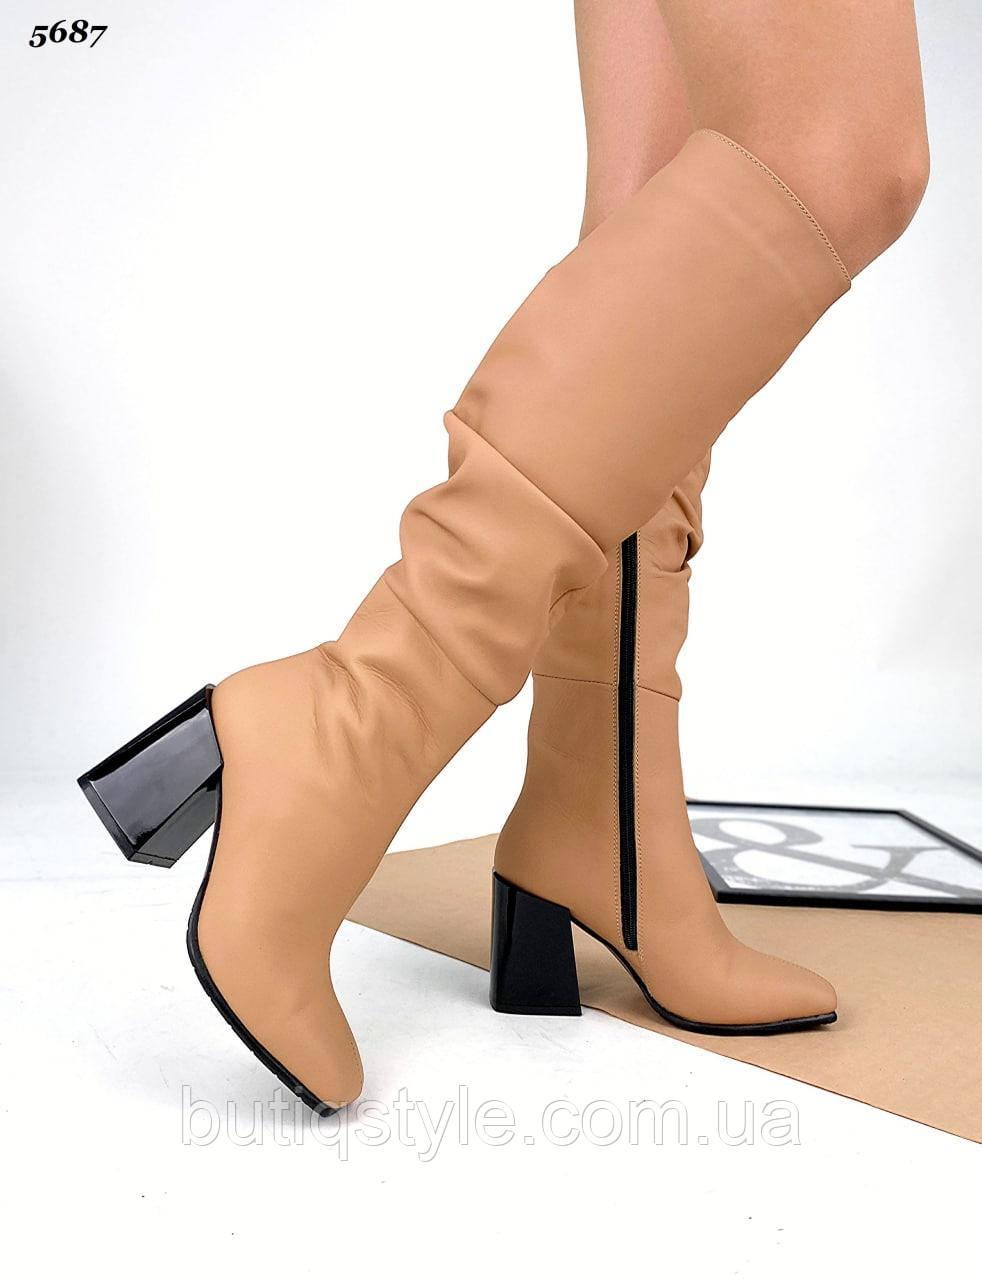 Жіночі чоботи карамель натуральна шкіра на підборах Демі